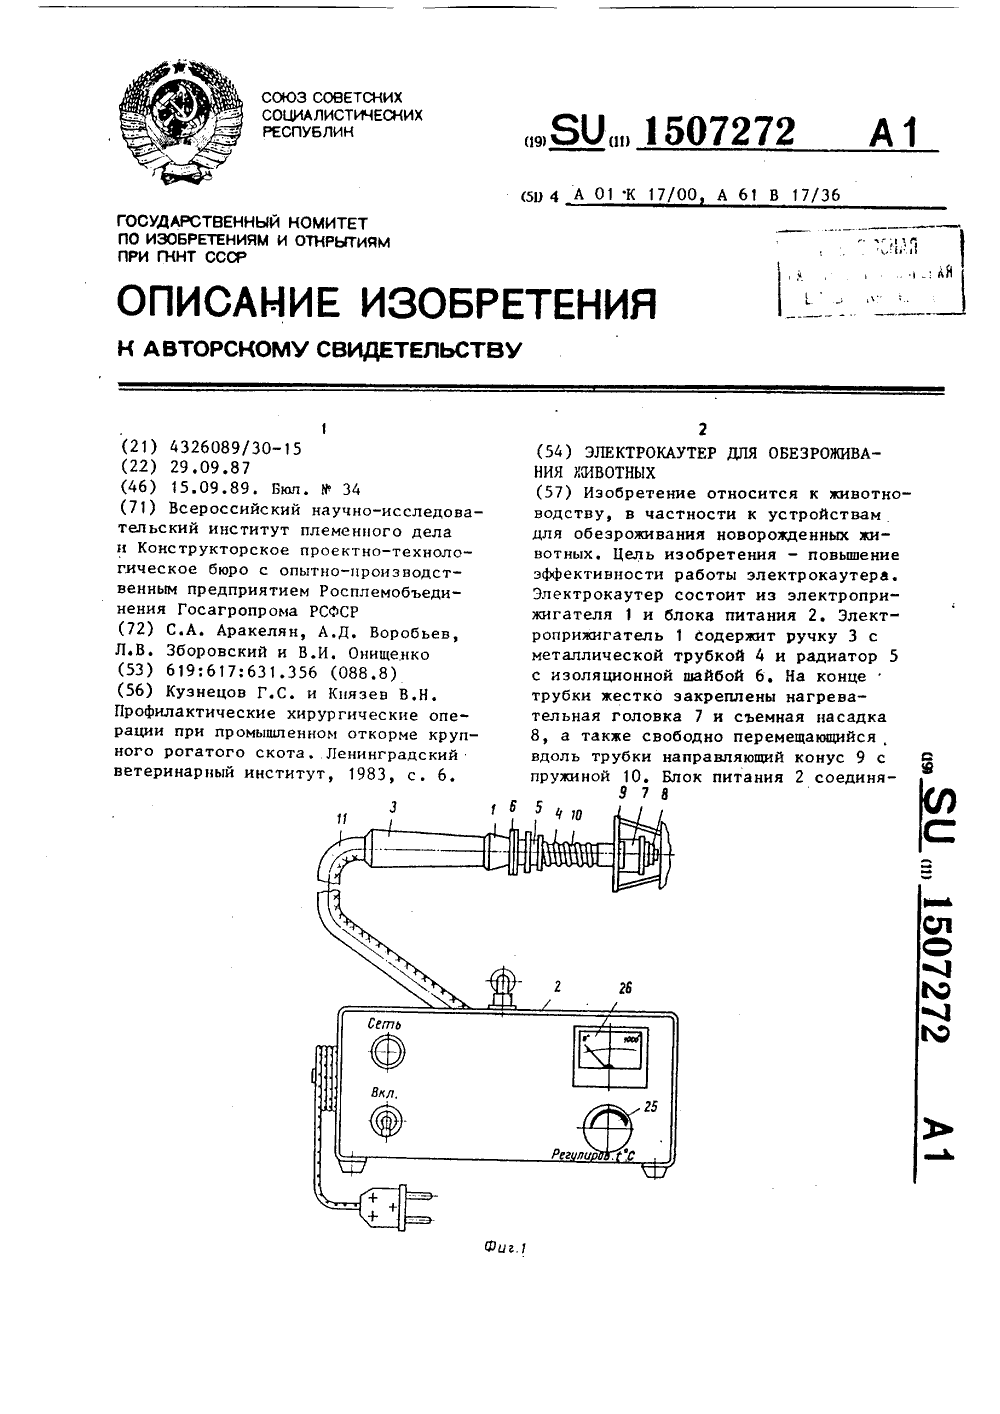 Электрокаутер